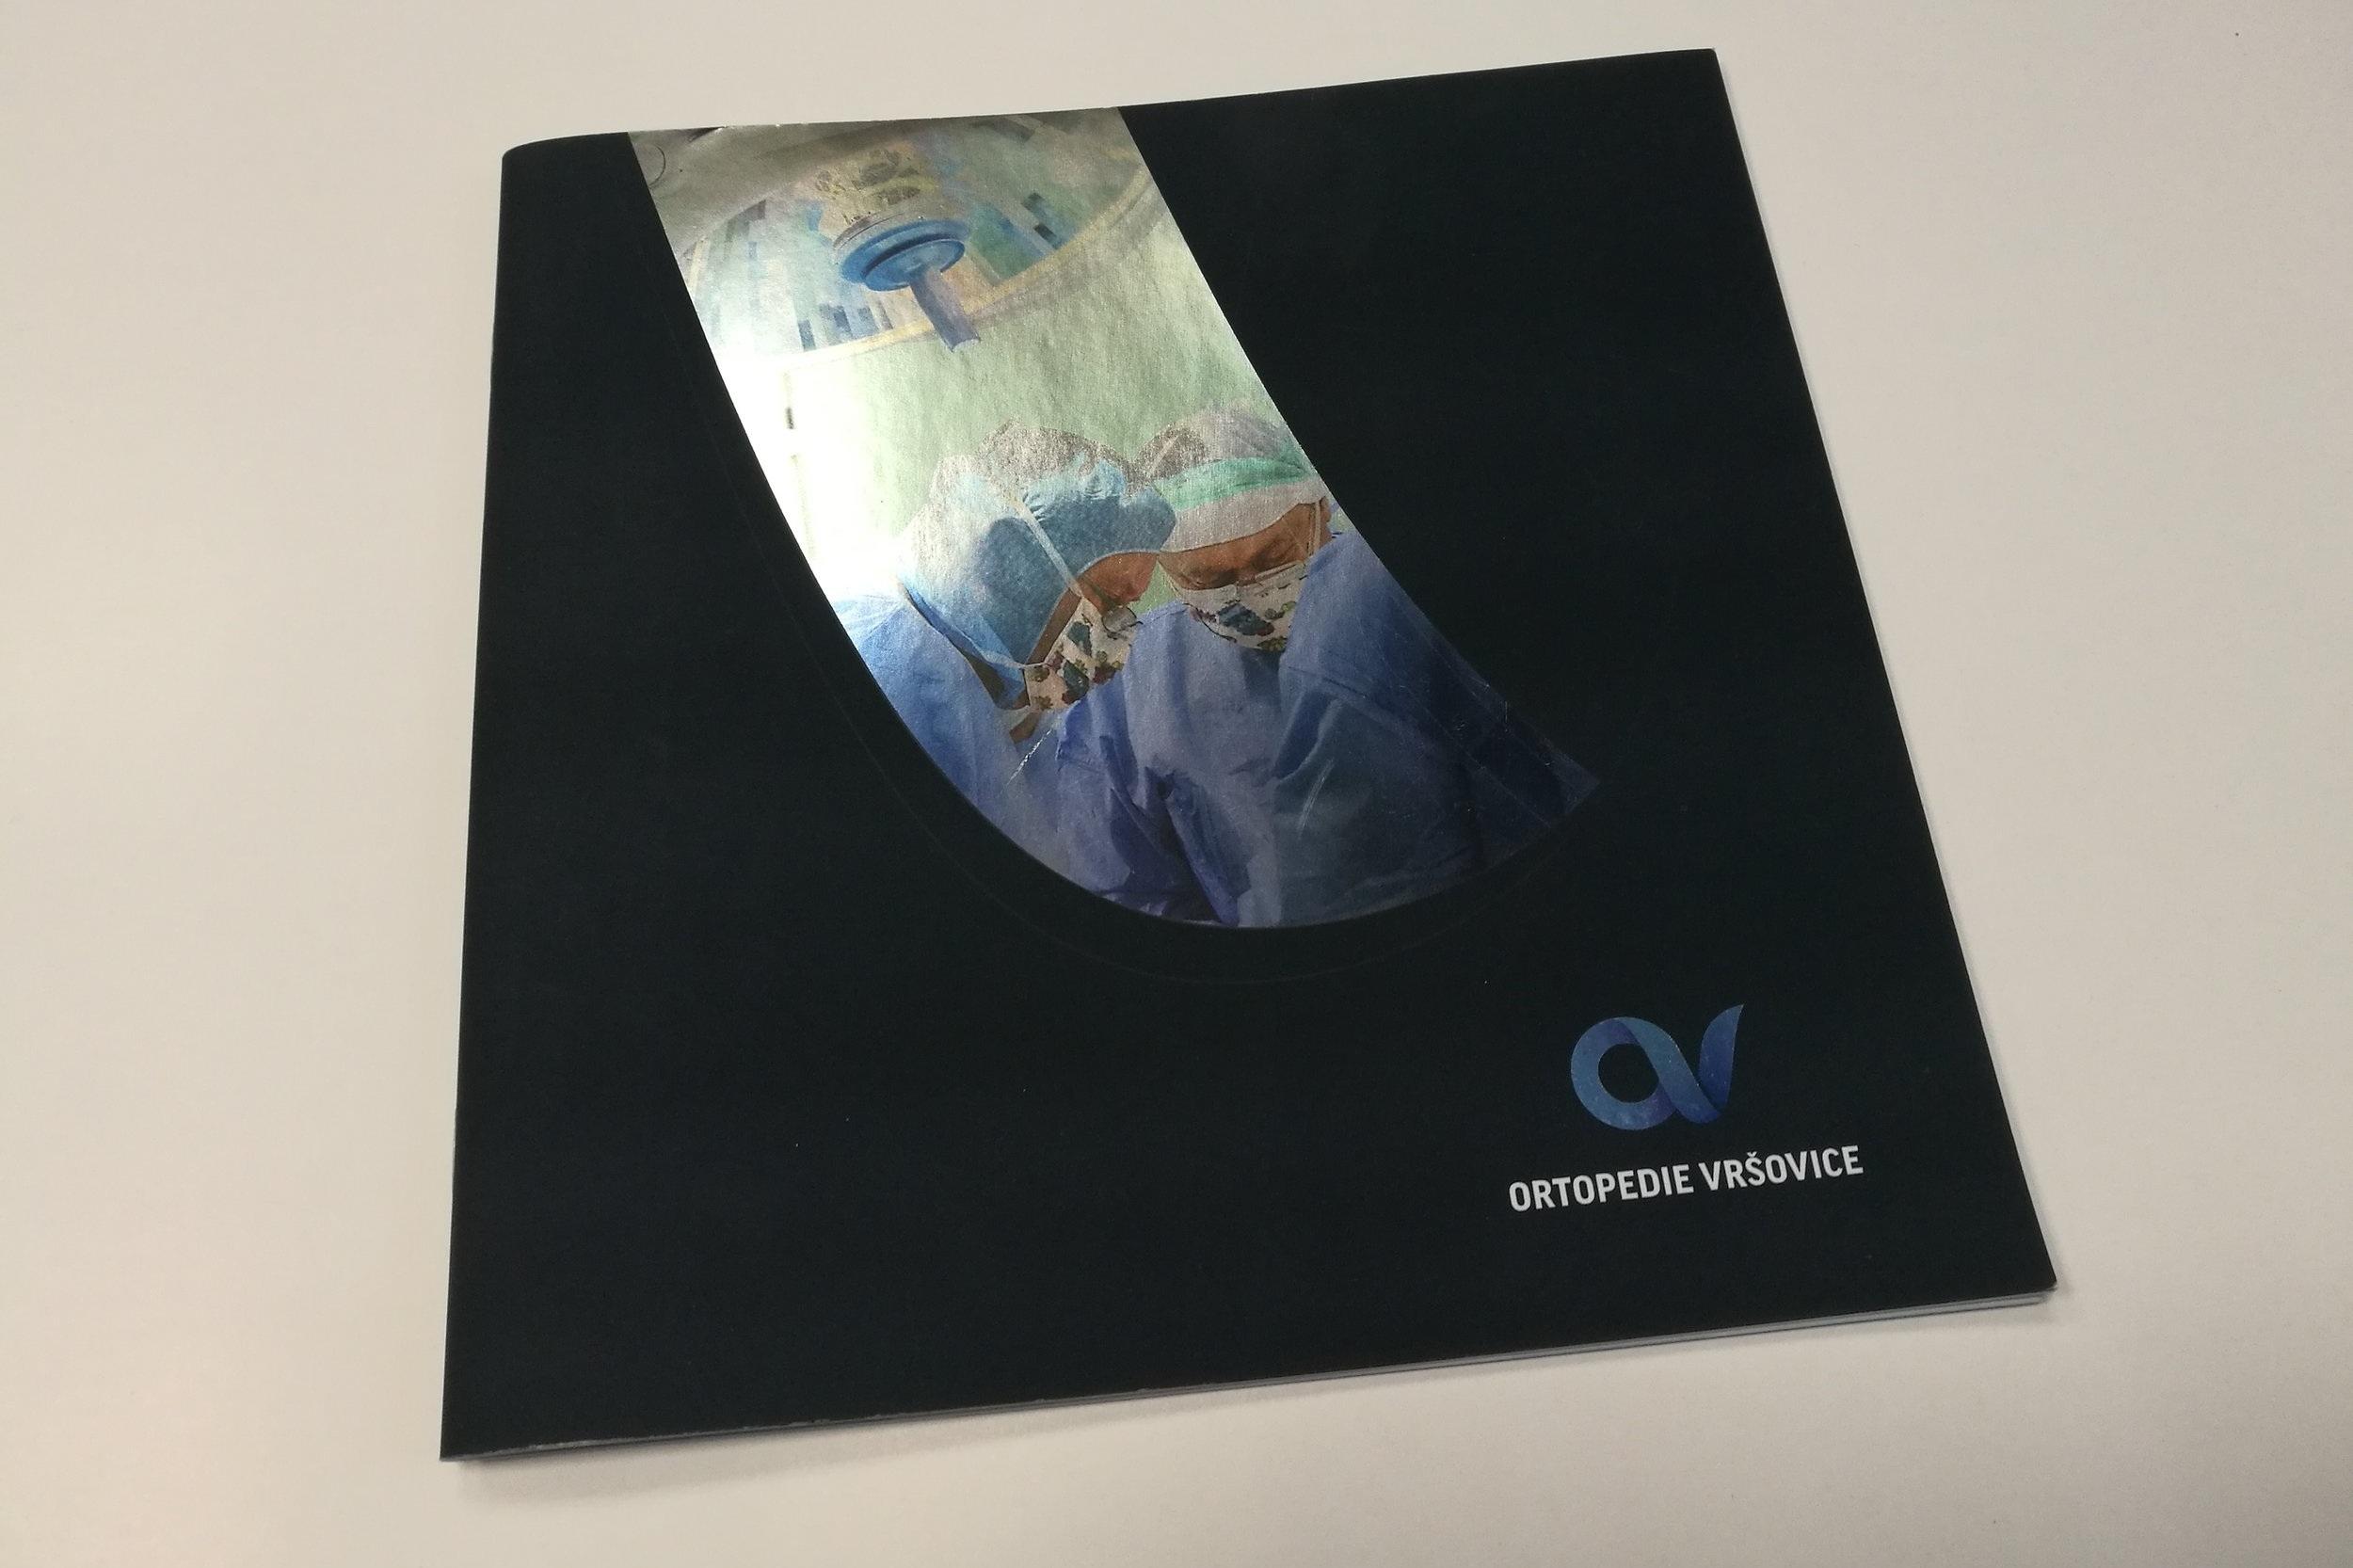 FIREMNÍ PREZENTACE - Reklamní brožura, prezentace zdravotnického zařízení, na obálce stříbrná folie s přetiskem.